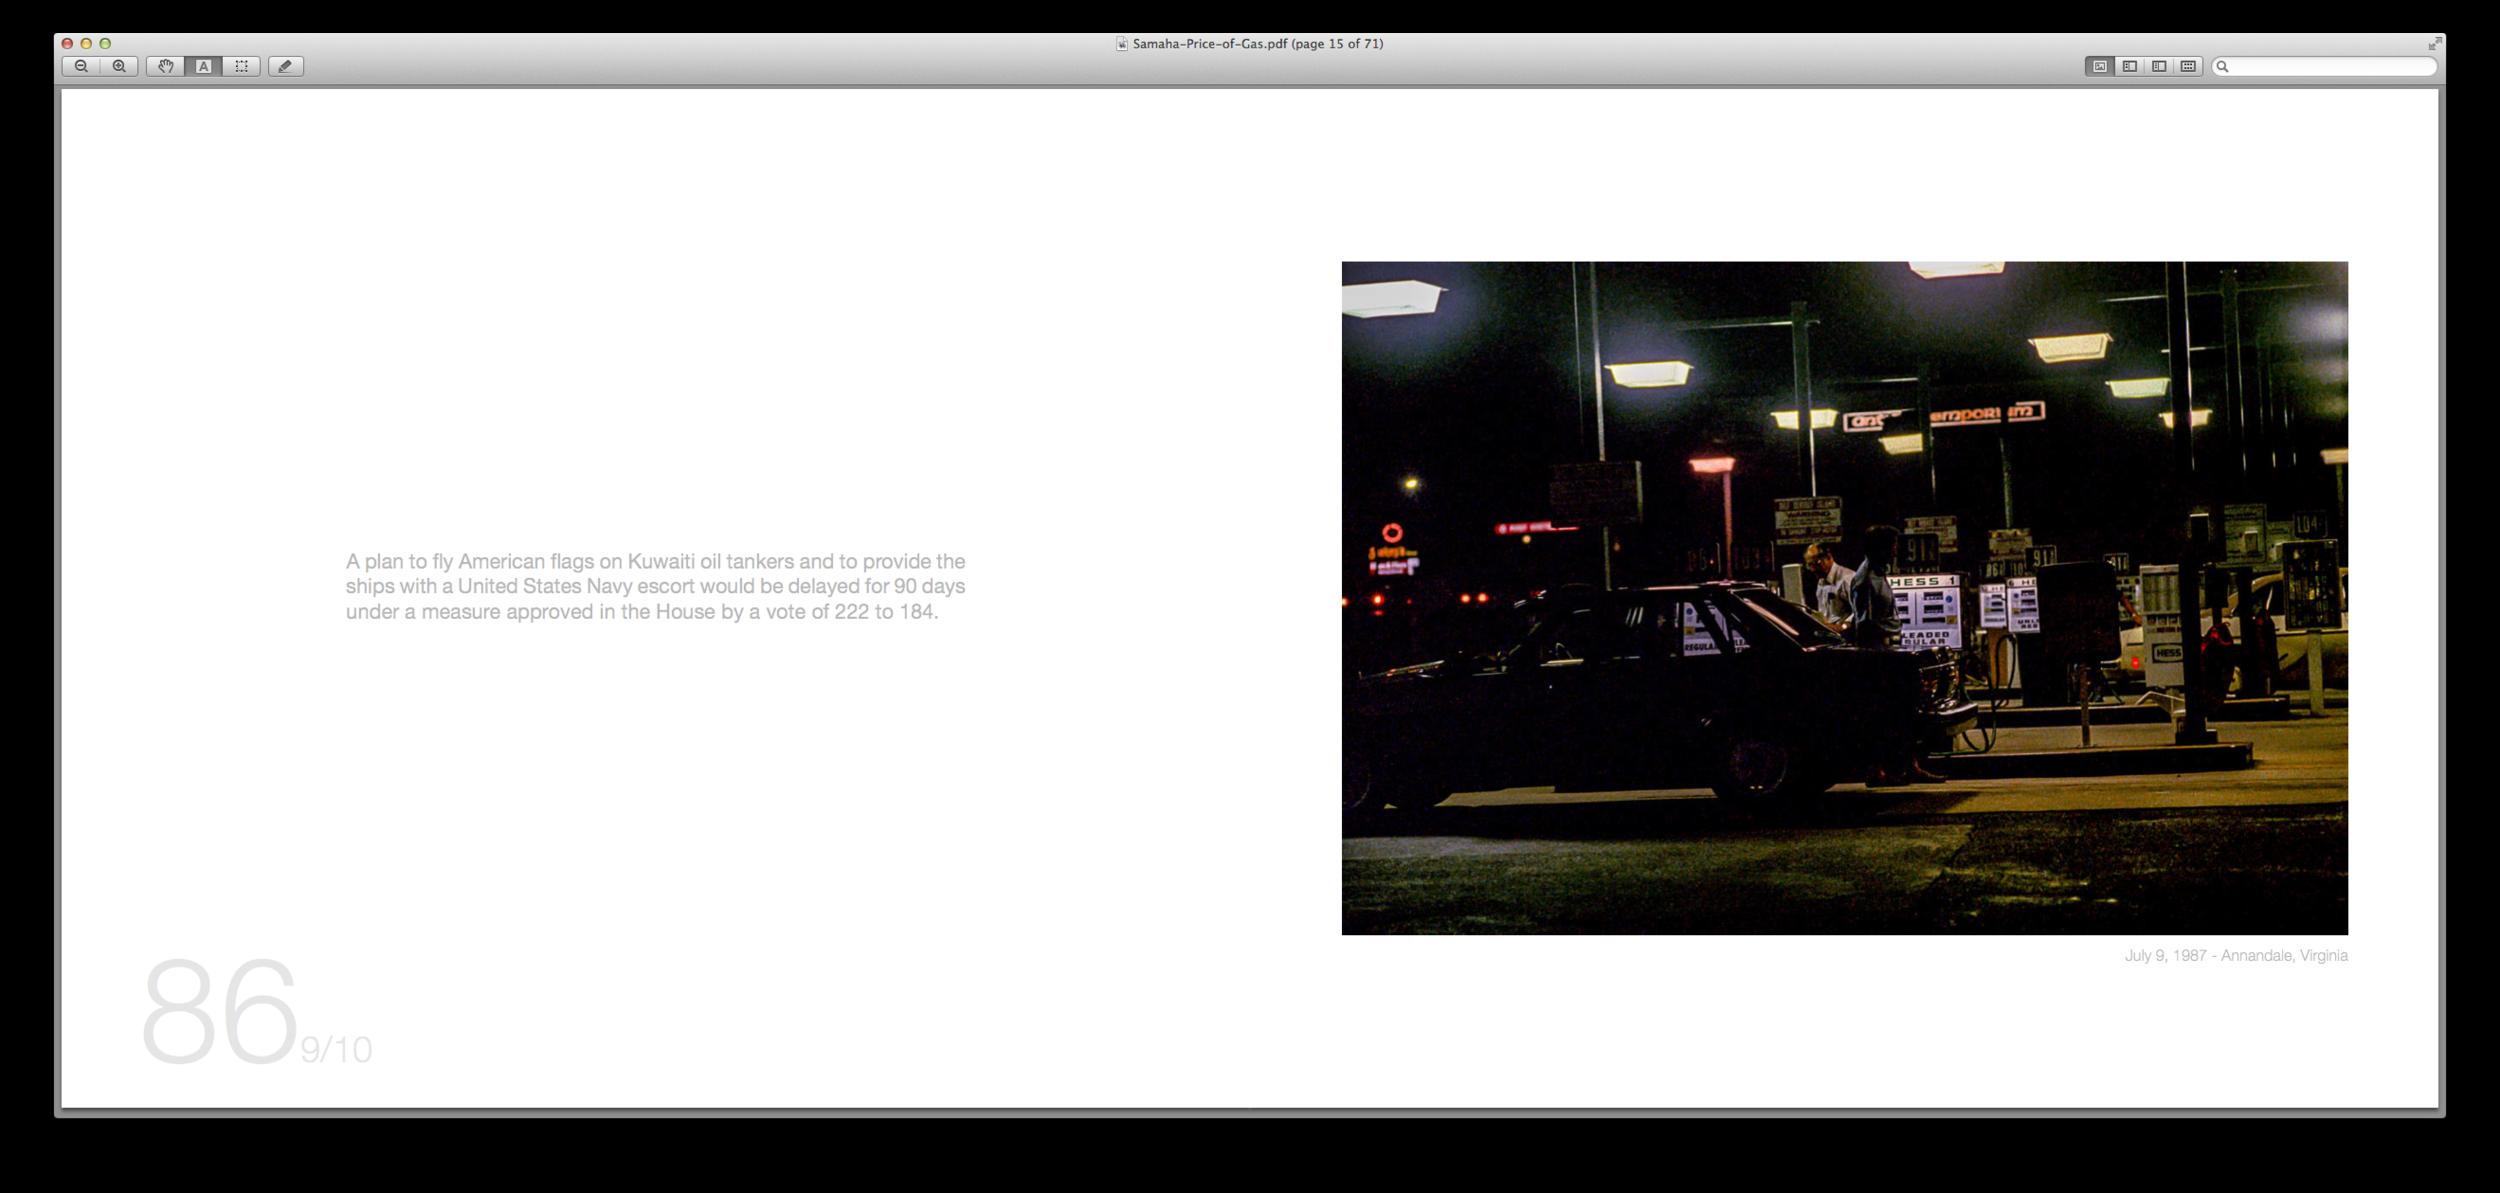 Screen Shot 2013-11-20 at 11.12.48 PM.png